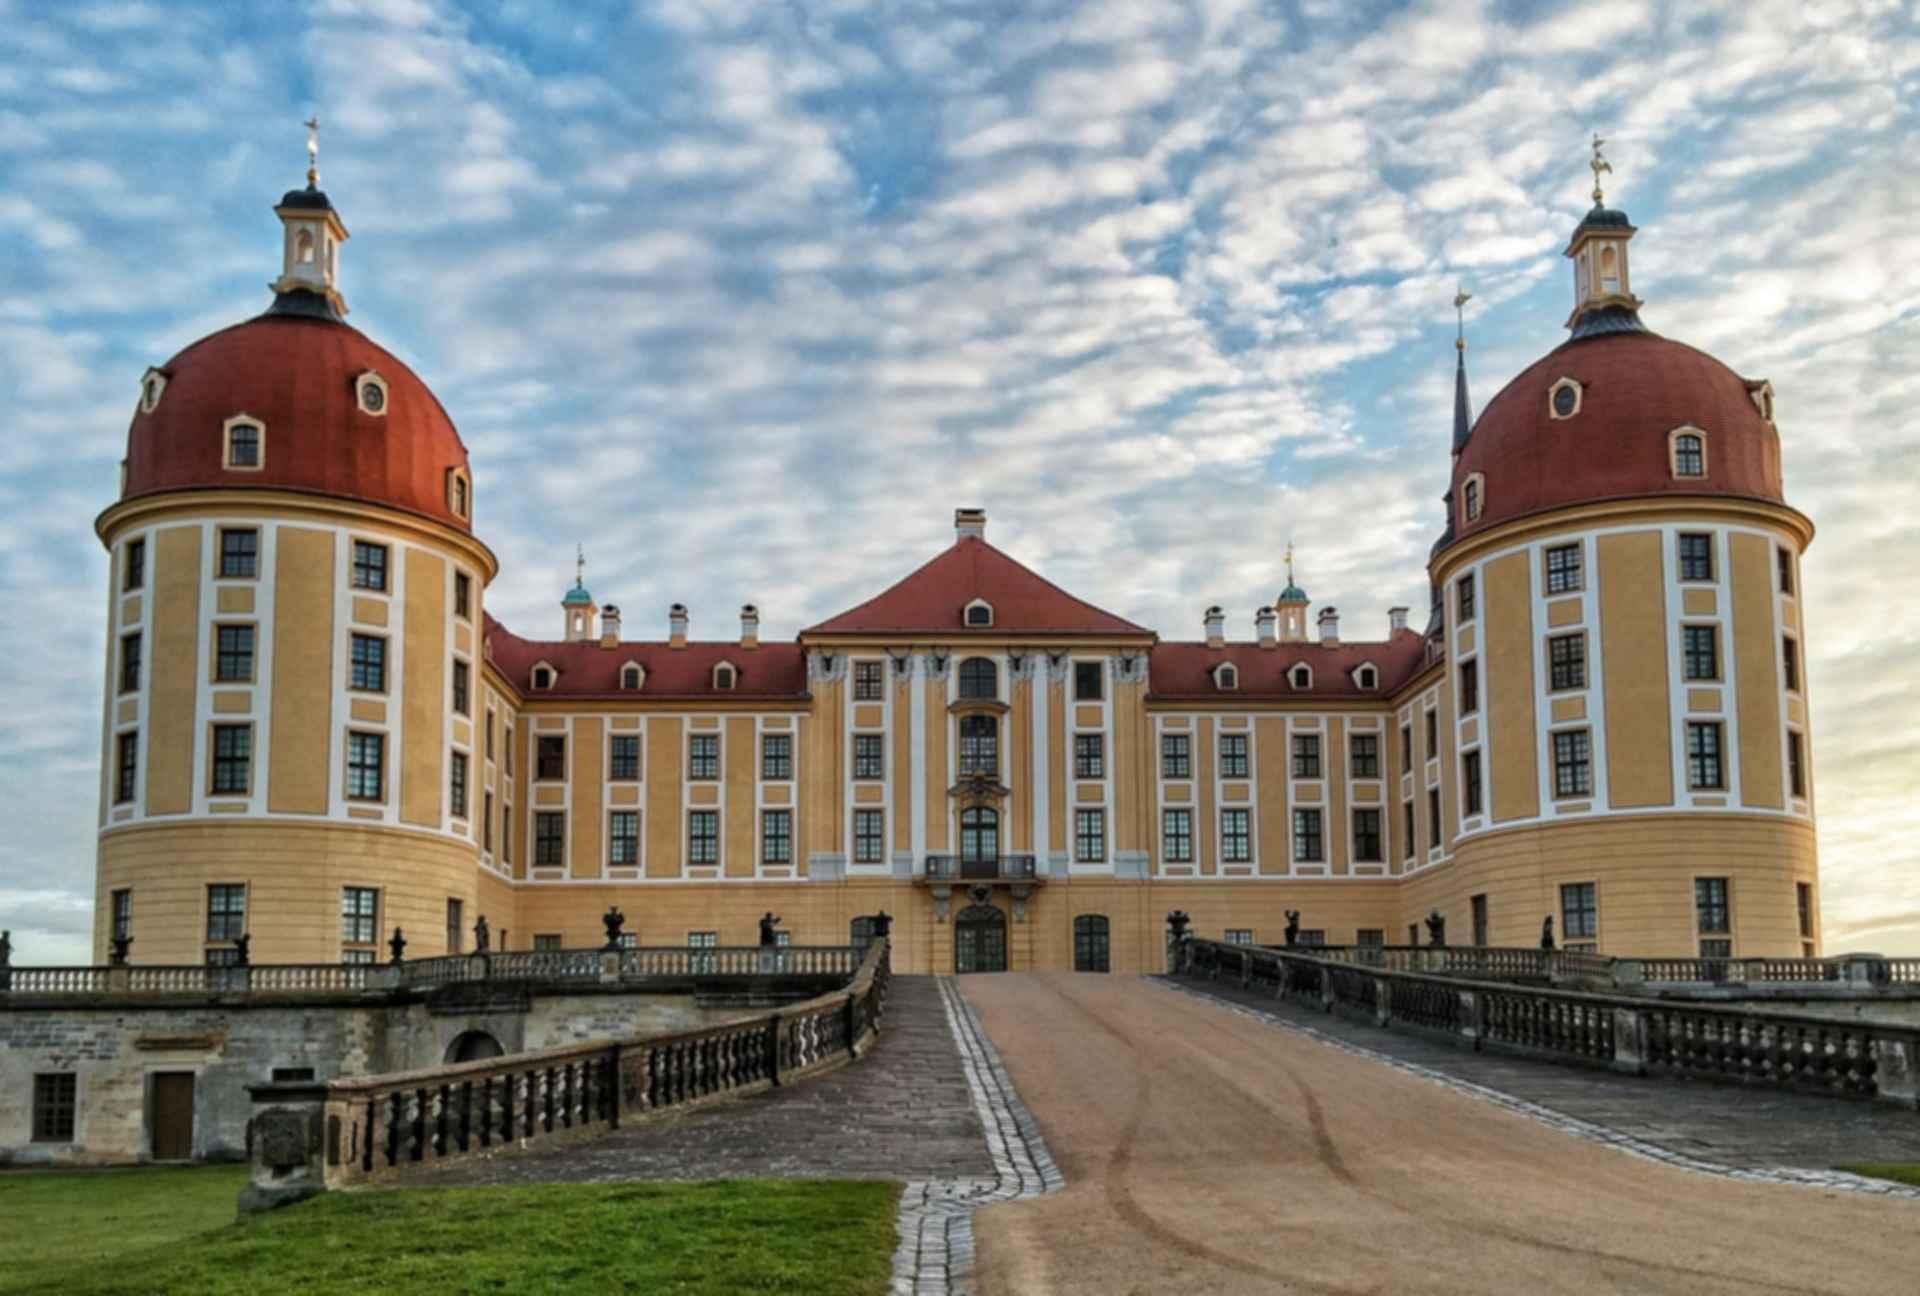 Moritzburg Castle - Front Exterior